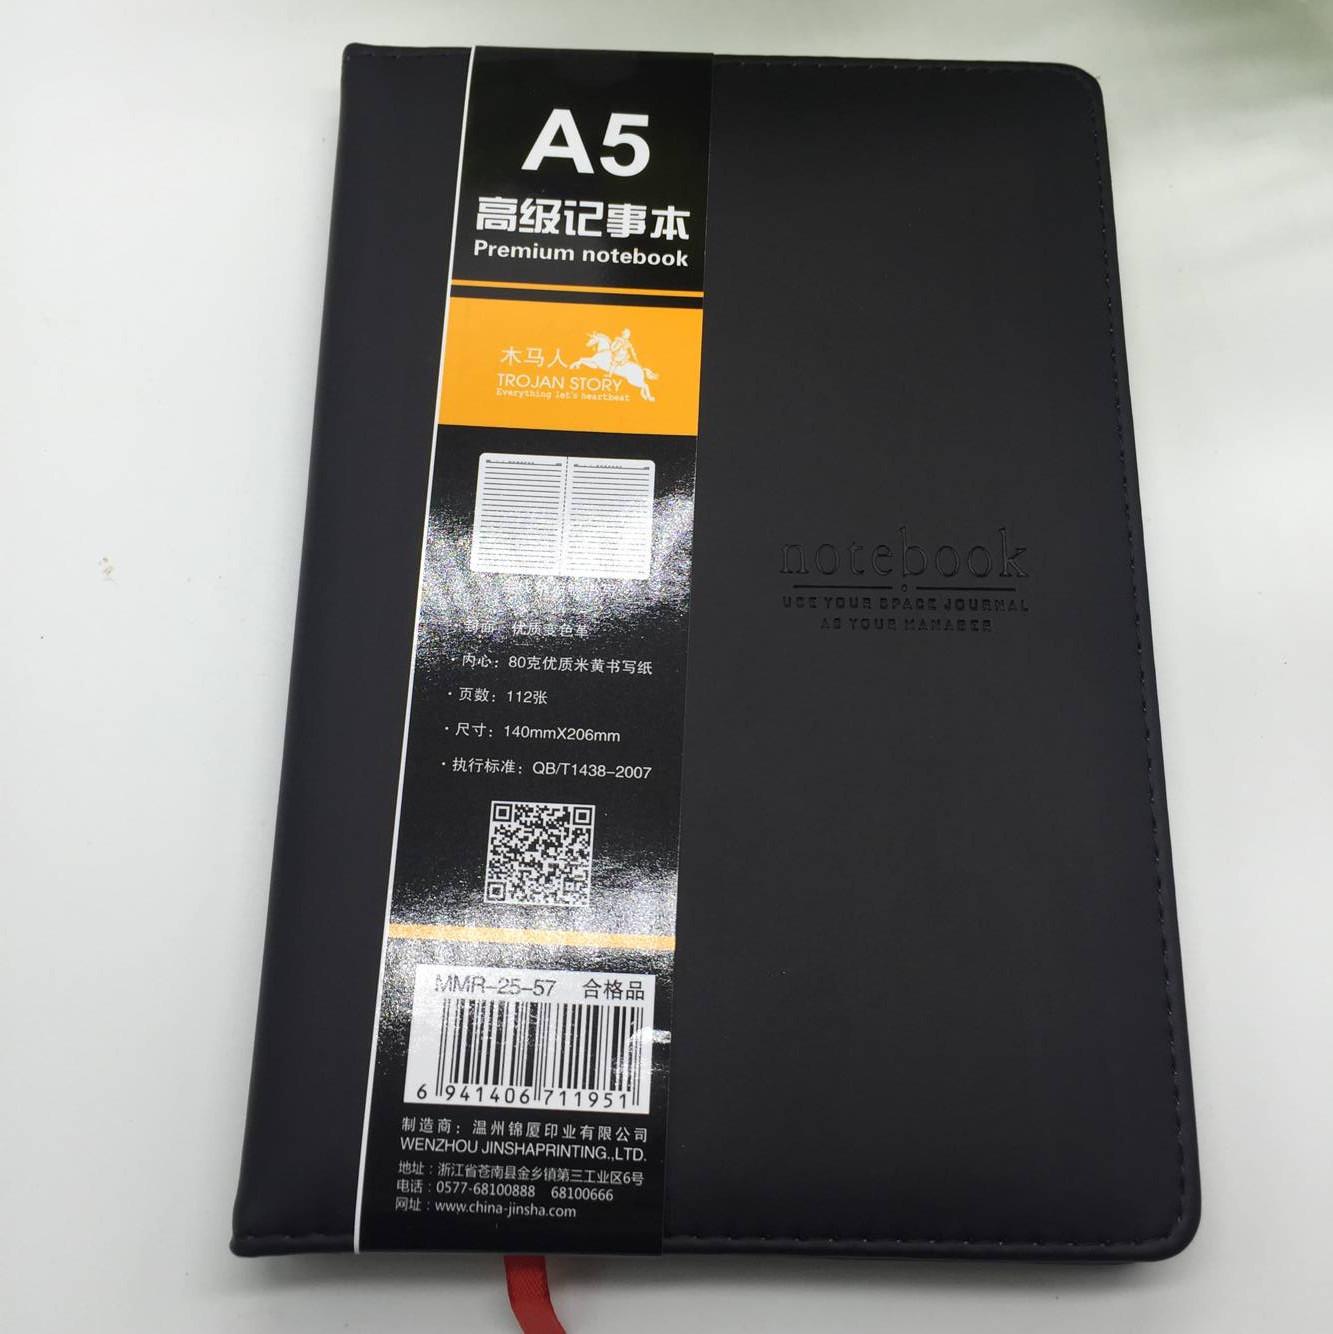 木马人高级a5 b5皮面笔记本 18-57/25-57